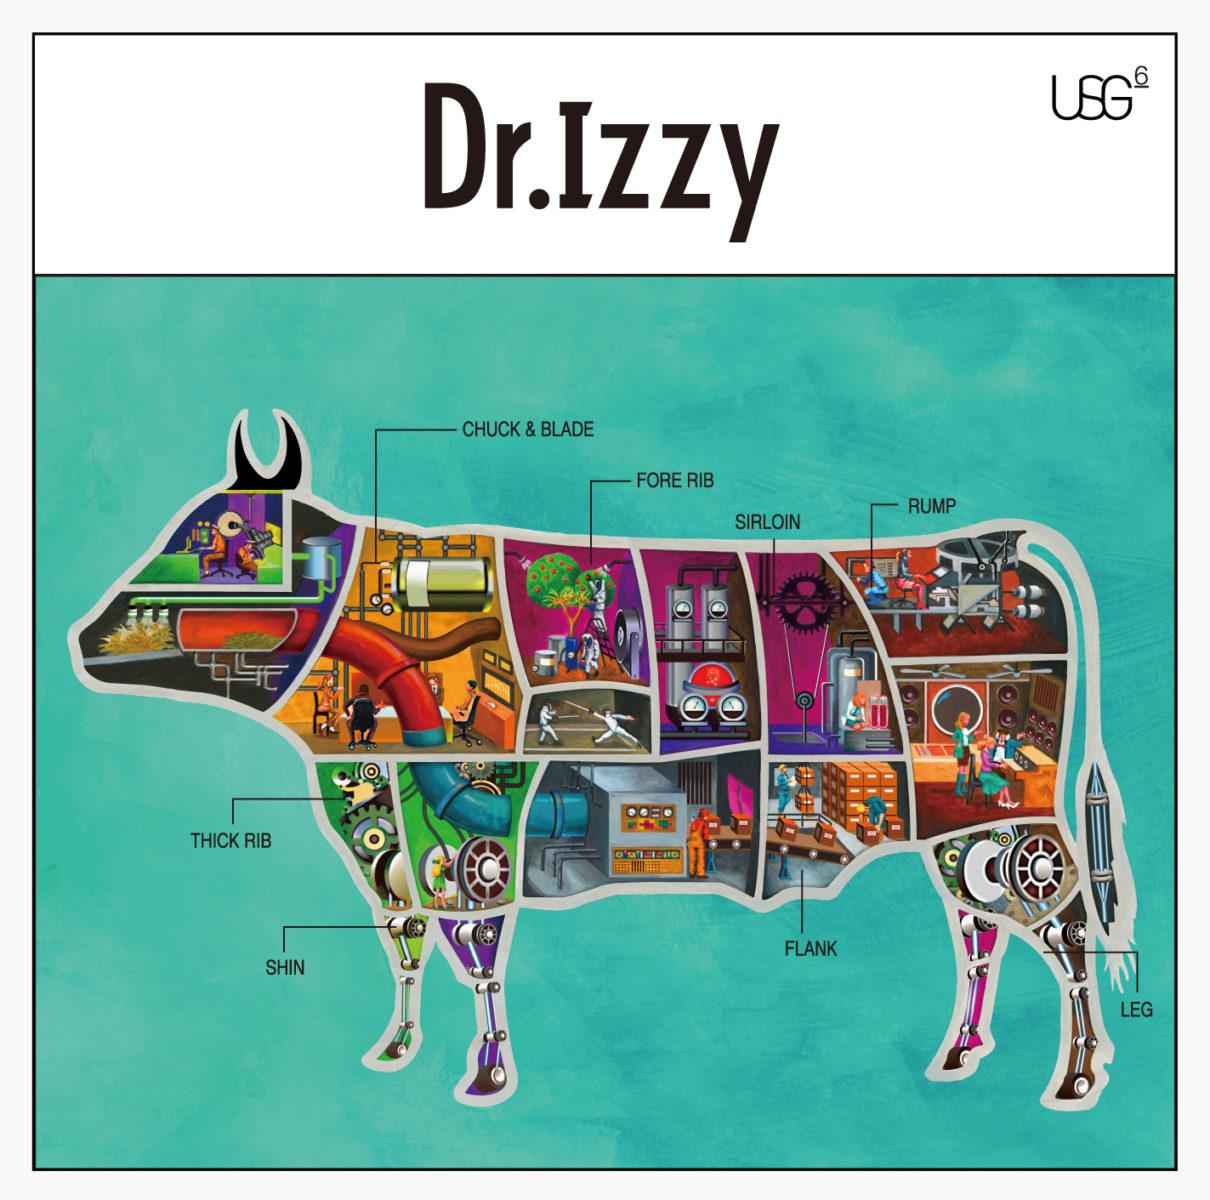 UNISON SQUARE GARDEN『Dr.Izzy』 / CDジャケットデザイン